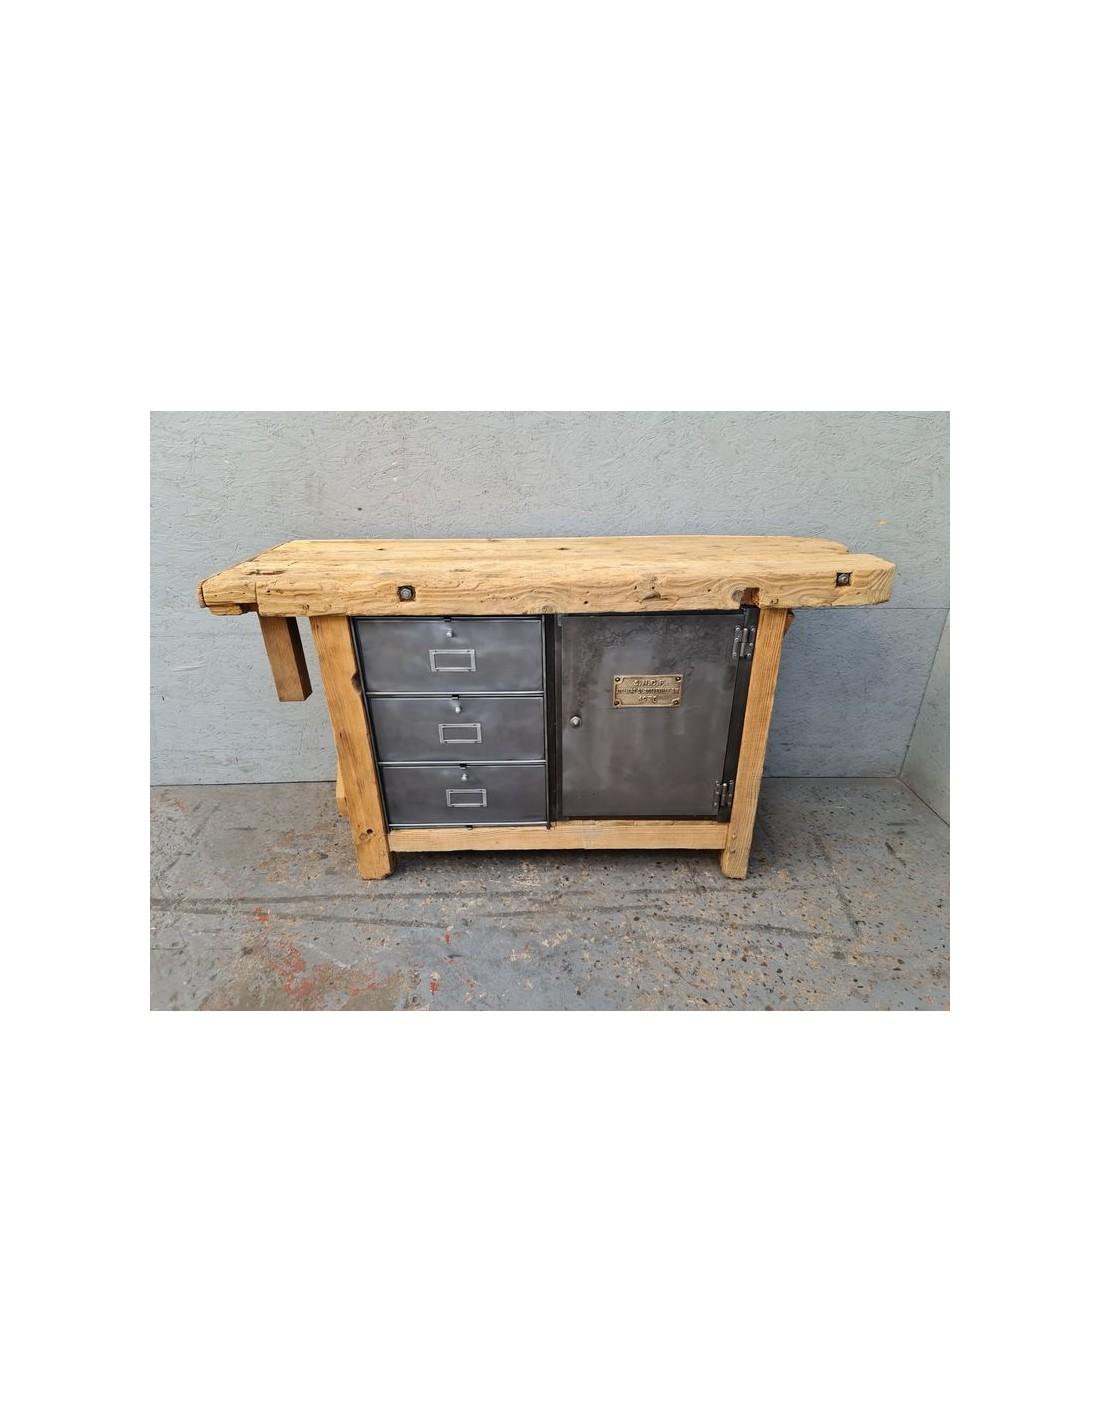 ancien etabli en pin meuble industriel vintage bois et metal plaque laiton sncf